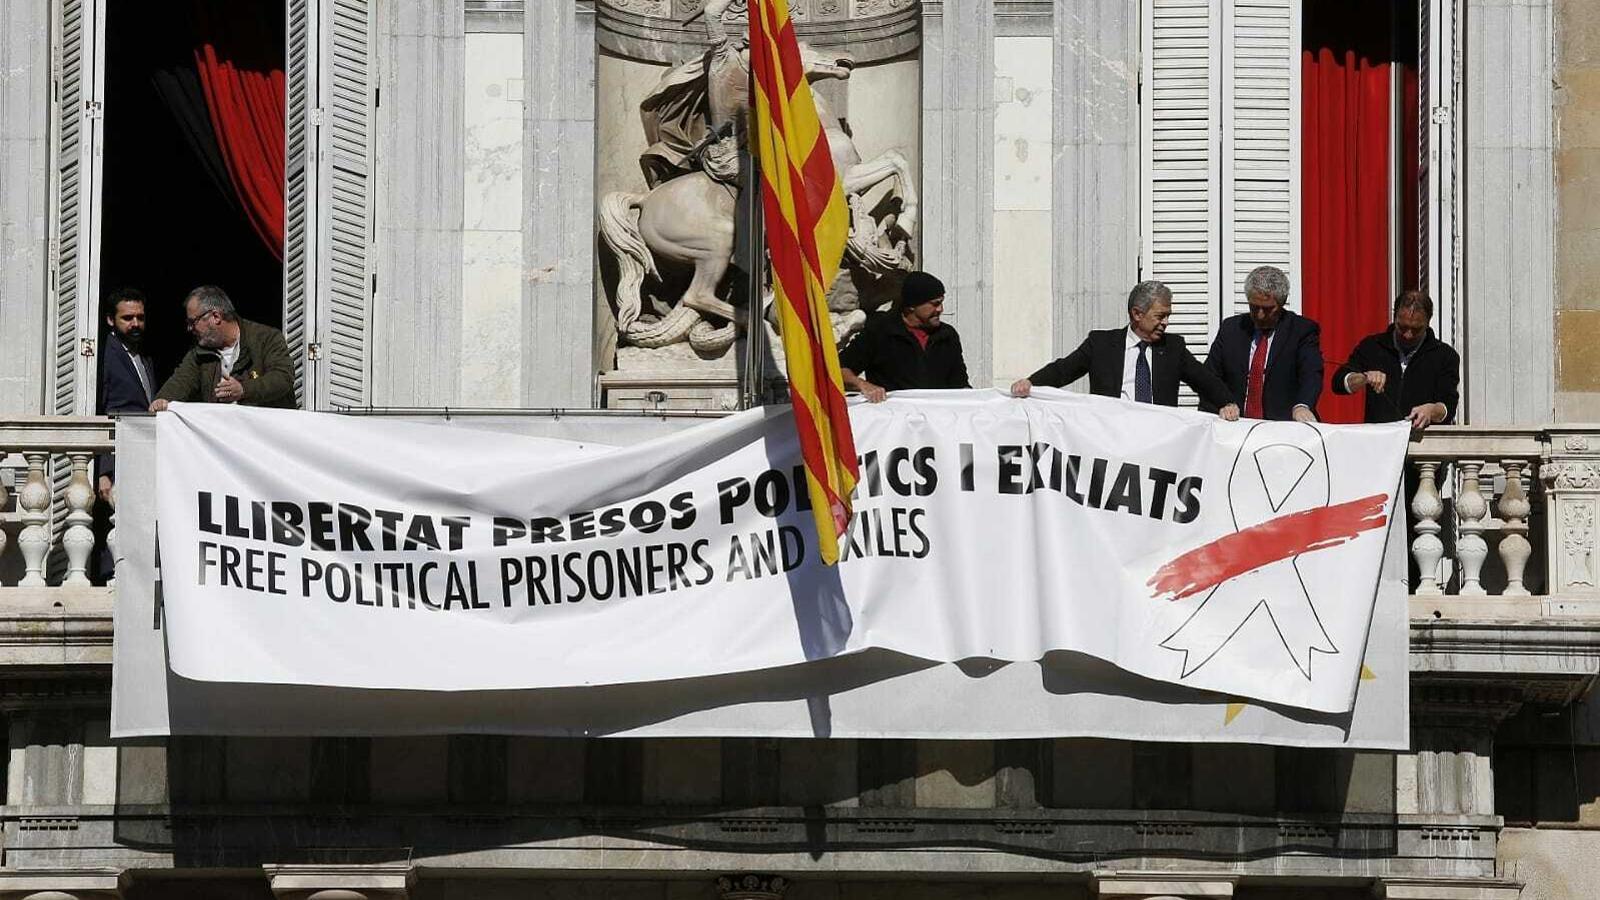 Nova pancarta a la façana del palau de la Generalitat